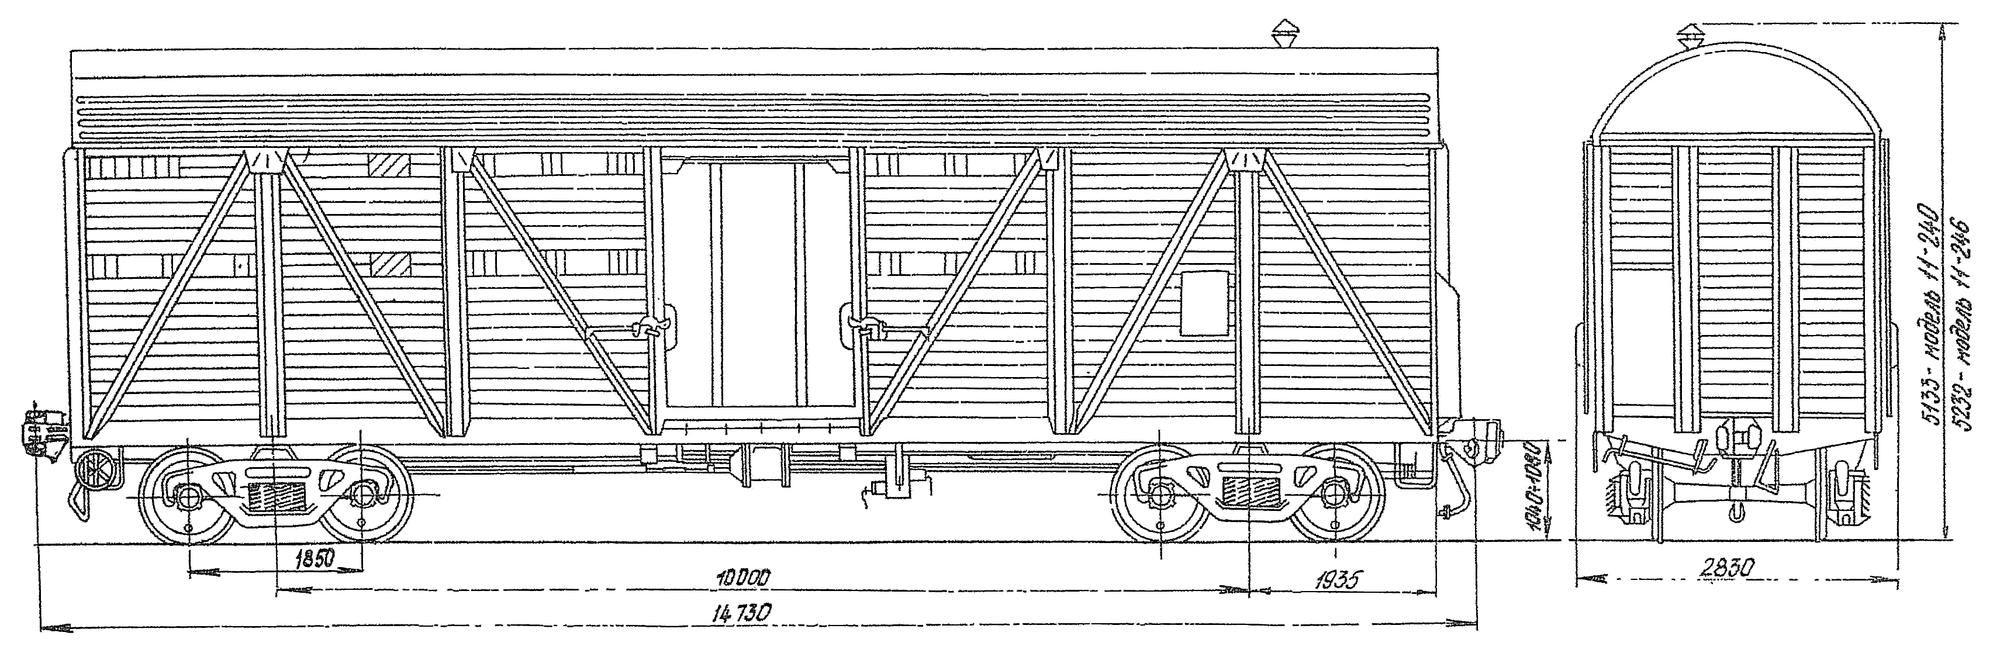 4-осный крытый двухярусный вагон для скота без служебного отделения